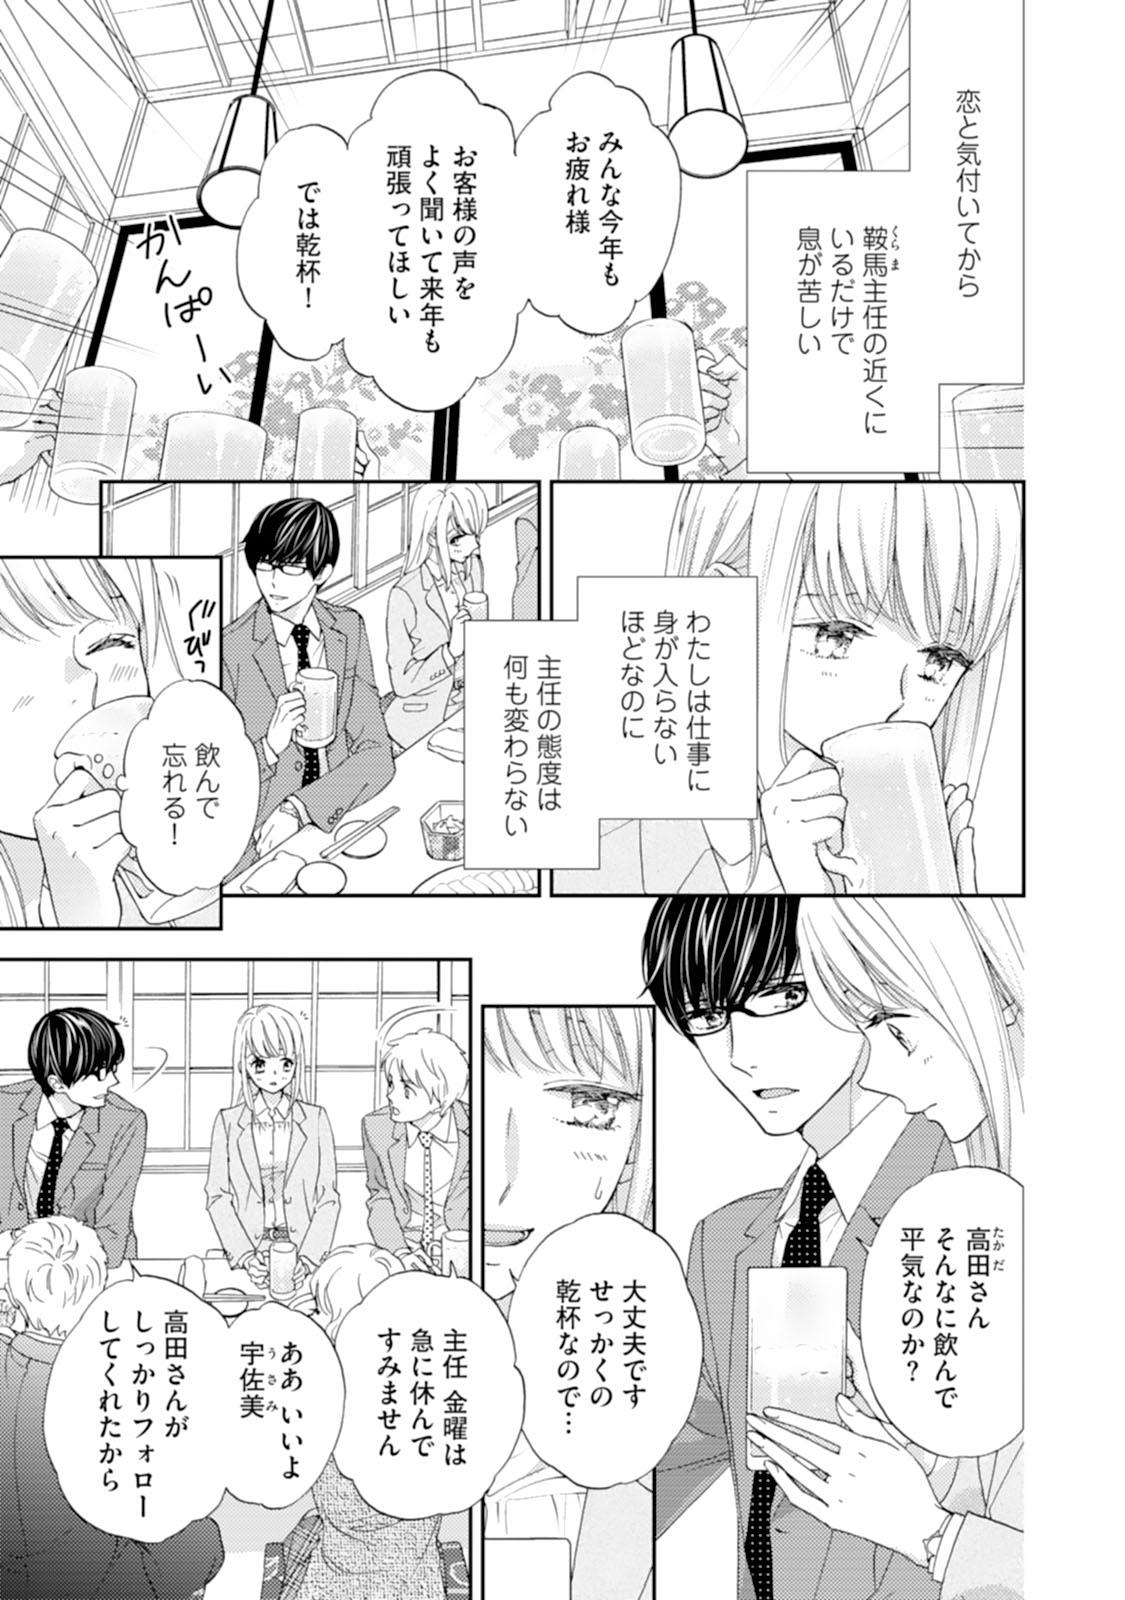 [Adumi Yuu] Choukyou-kei Danshi Ookami-sama to Koneko-chan Ch. 1-3 29